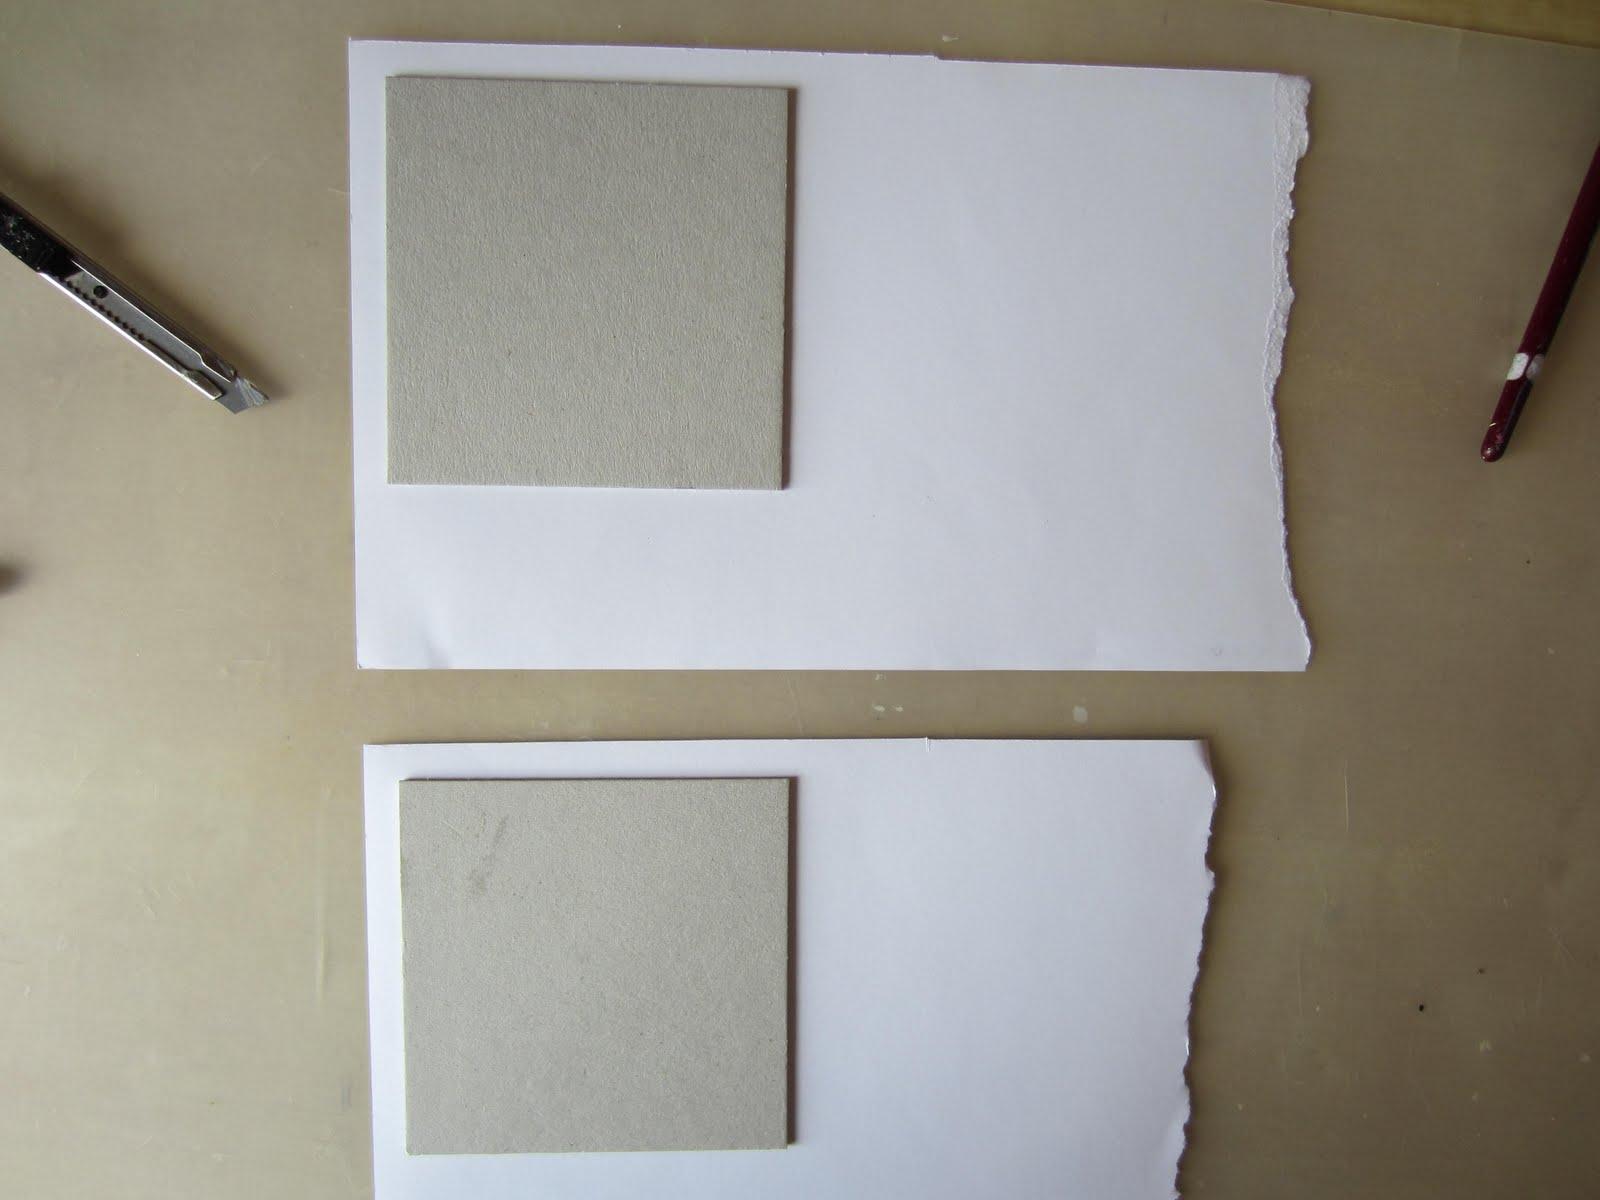 Super Papierkatze: Ein Leporello selber basteln? Hier folgt die genaue WD88